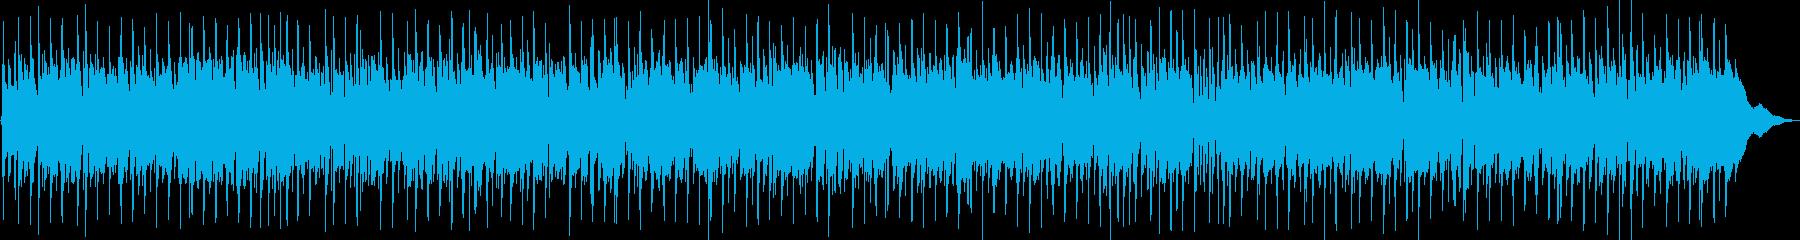 勇気づけられるニューオリンズブギの再生済みの波形